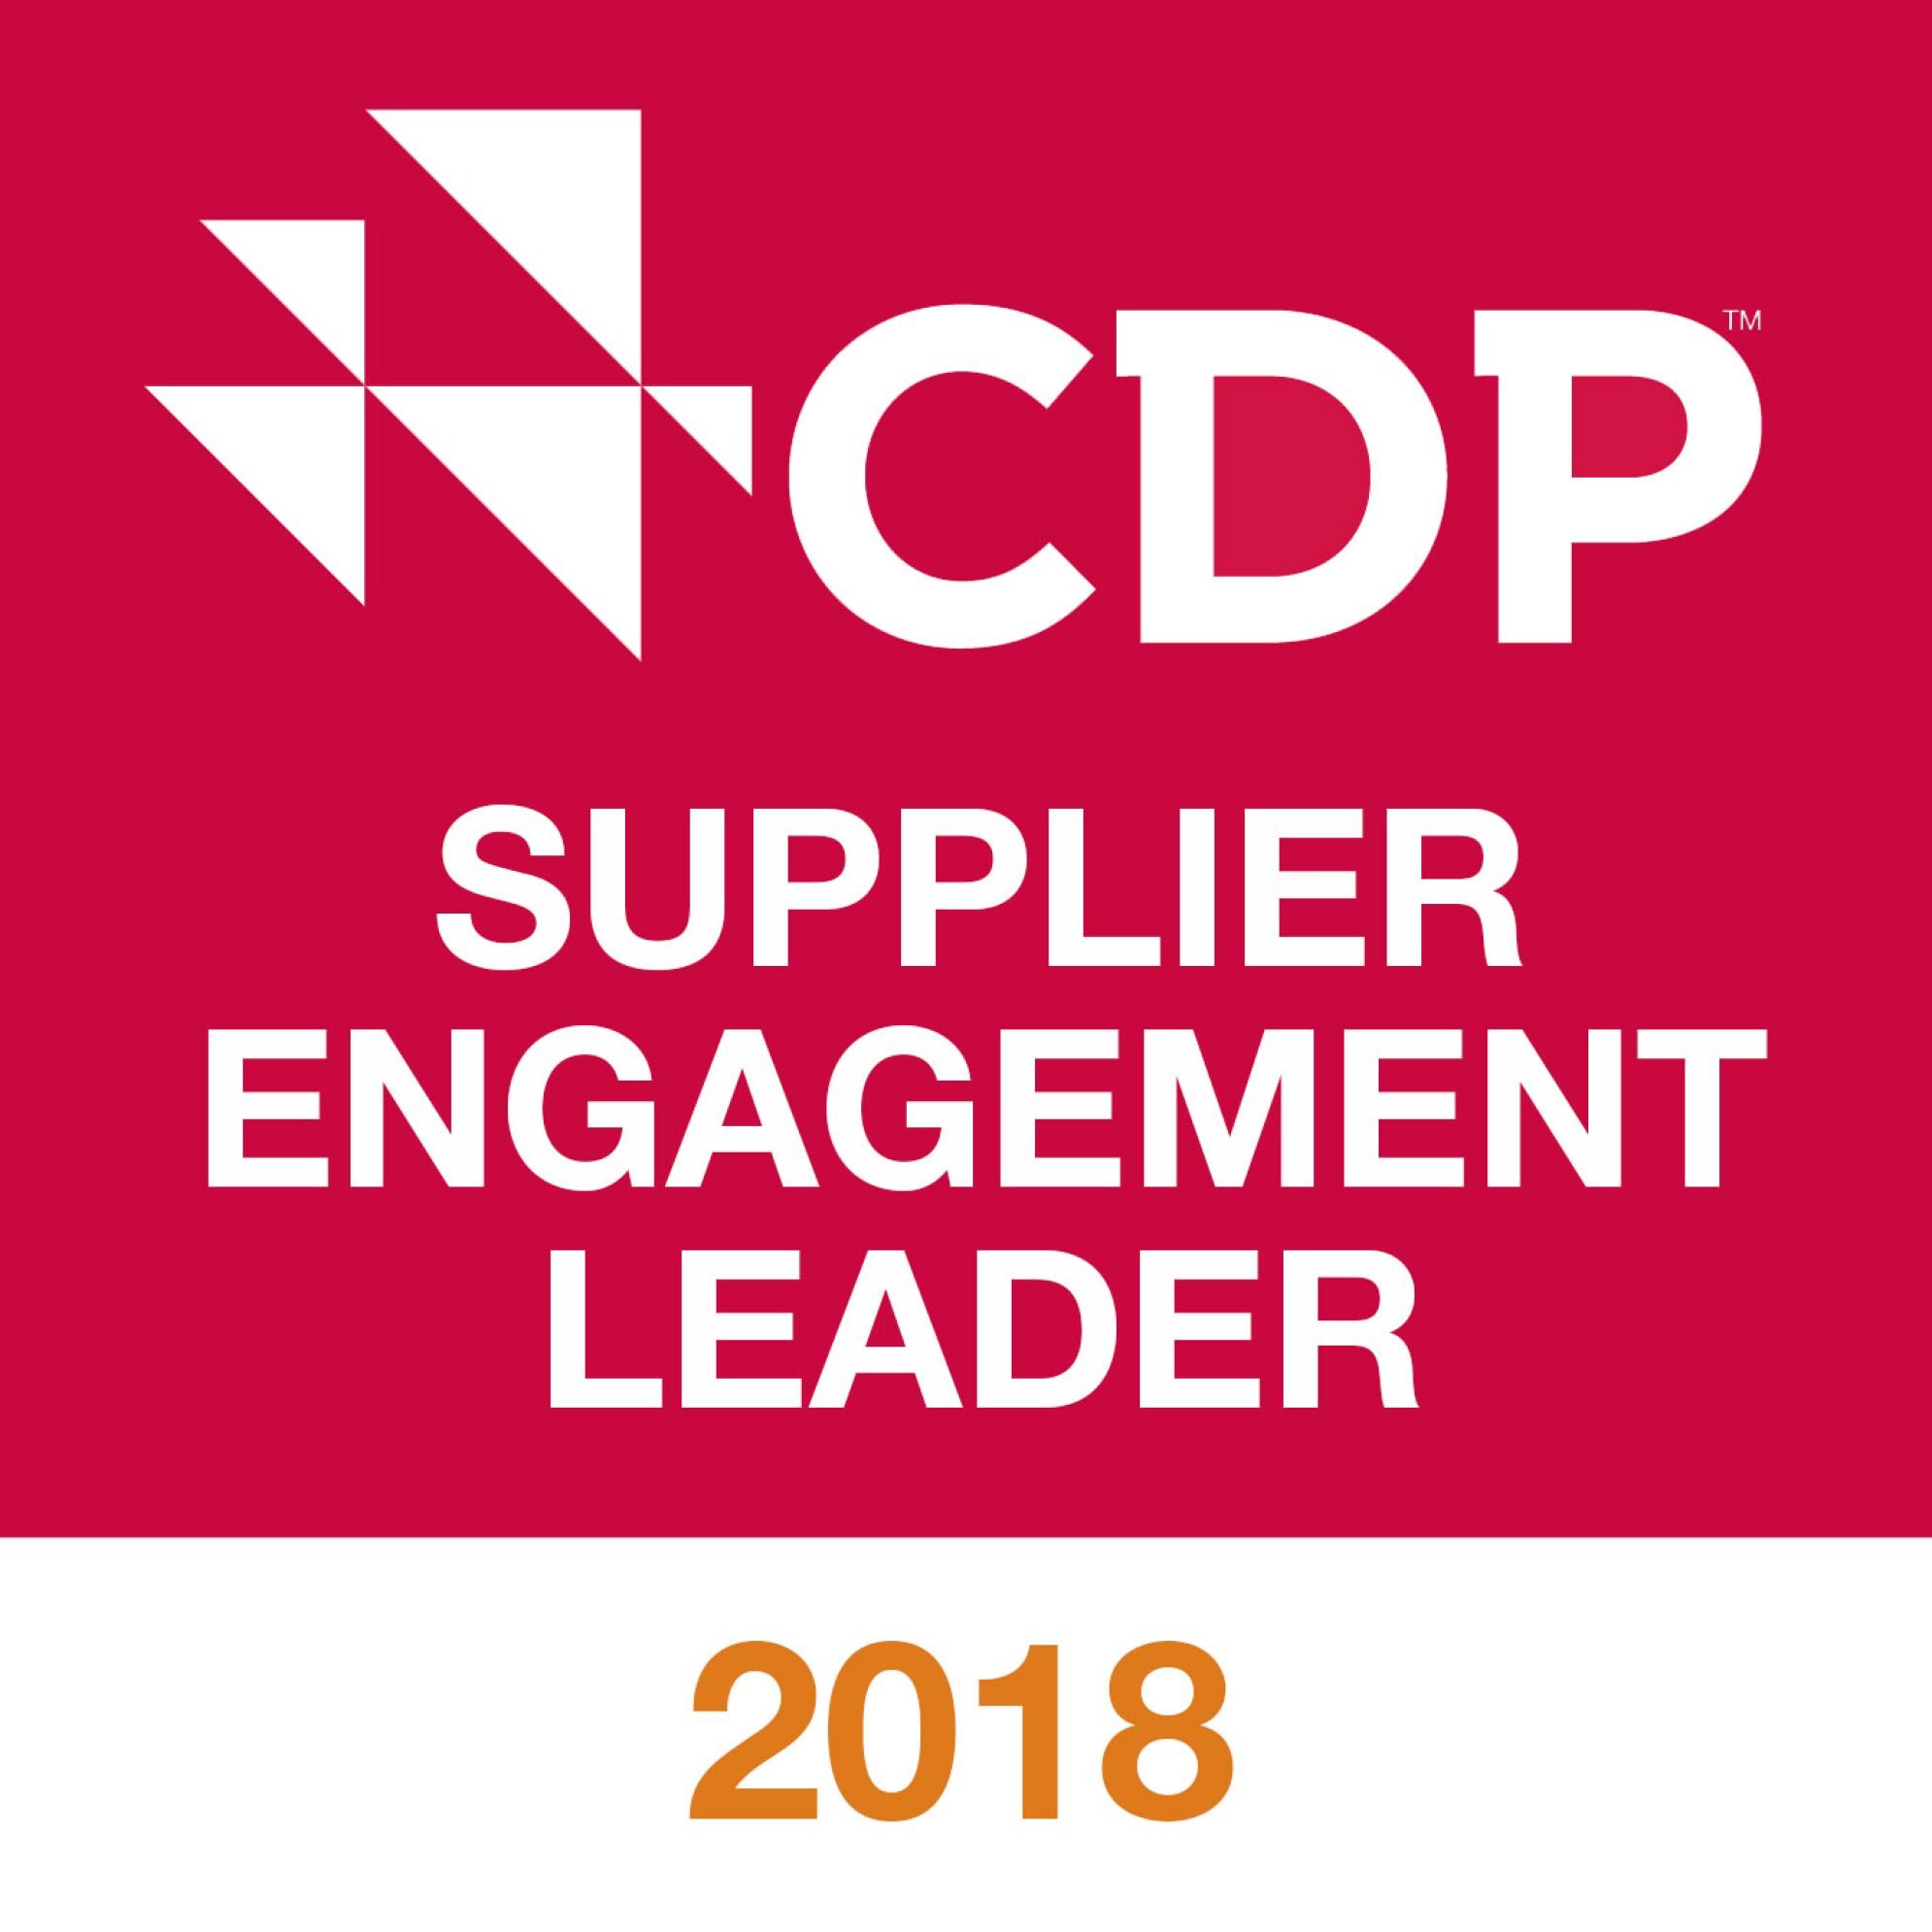 CDP Supplier Engagement Leader 2018 stamp (1).jpg